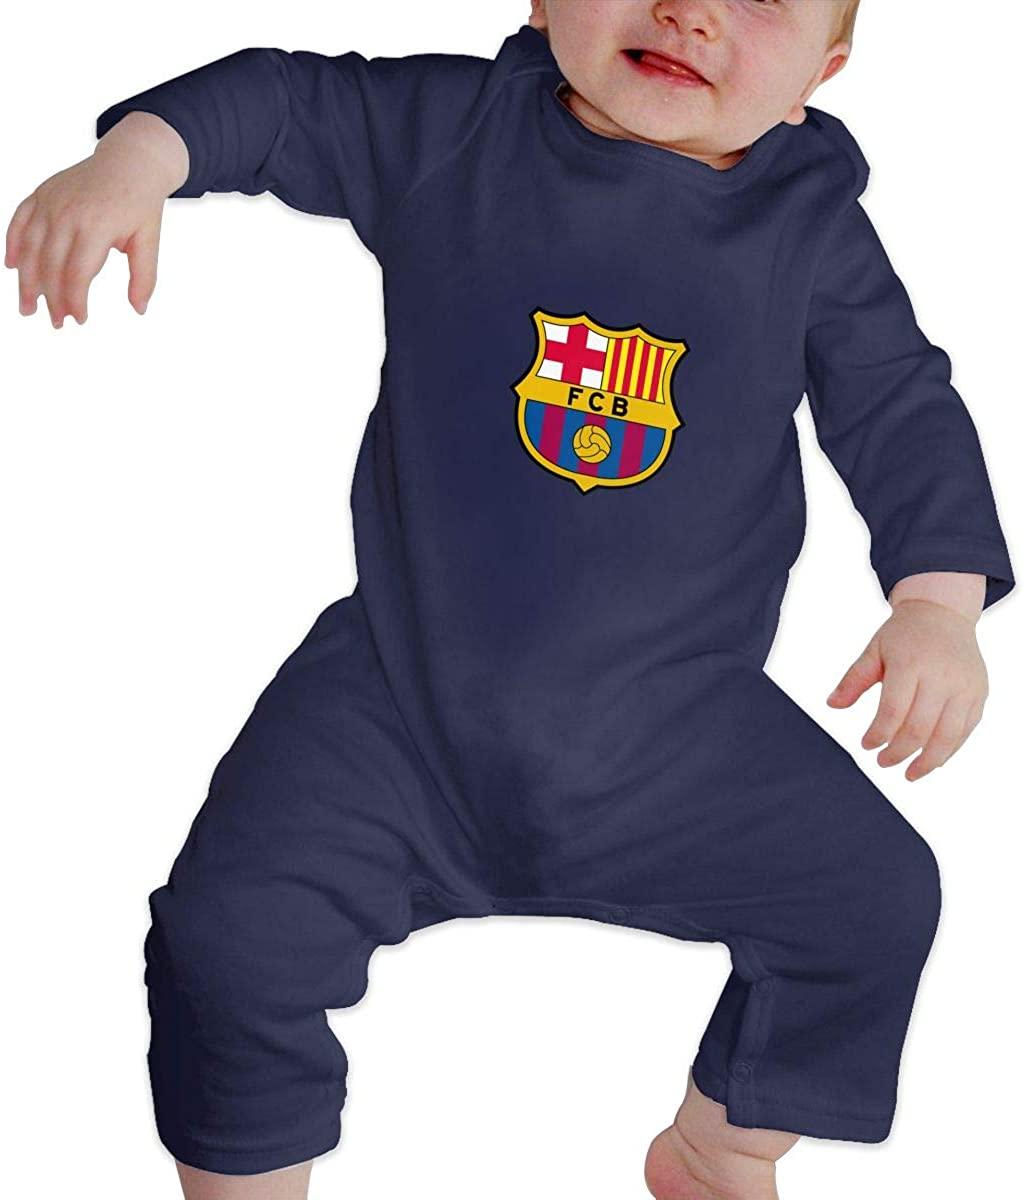 JCZZ Juventus Baby Jumpsuit Cotton Baby Crawl Suit Long Sleeve Bodysuit